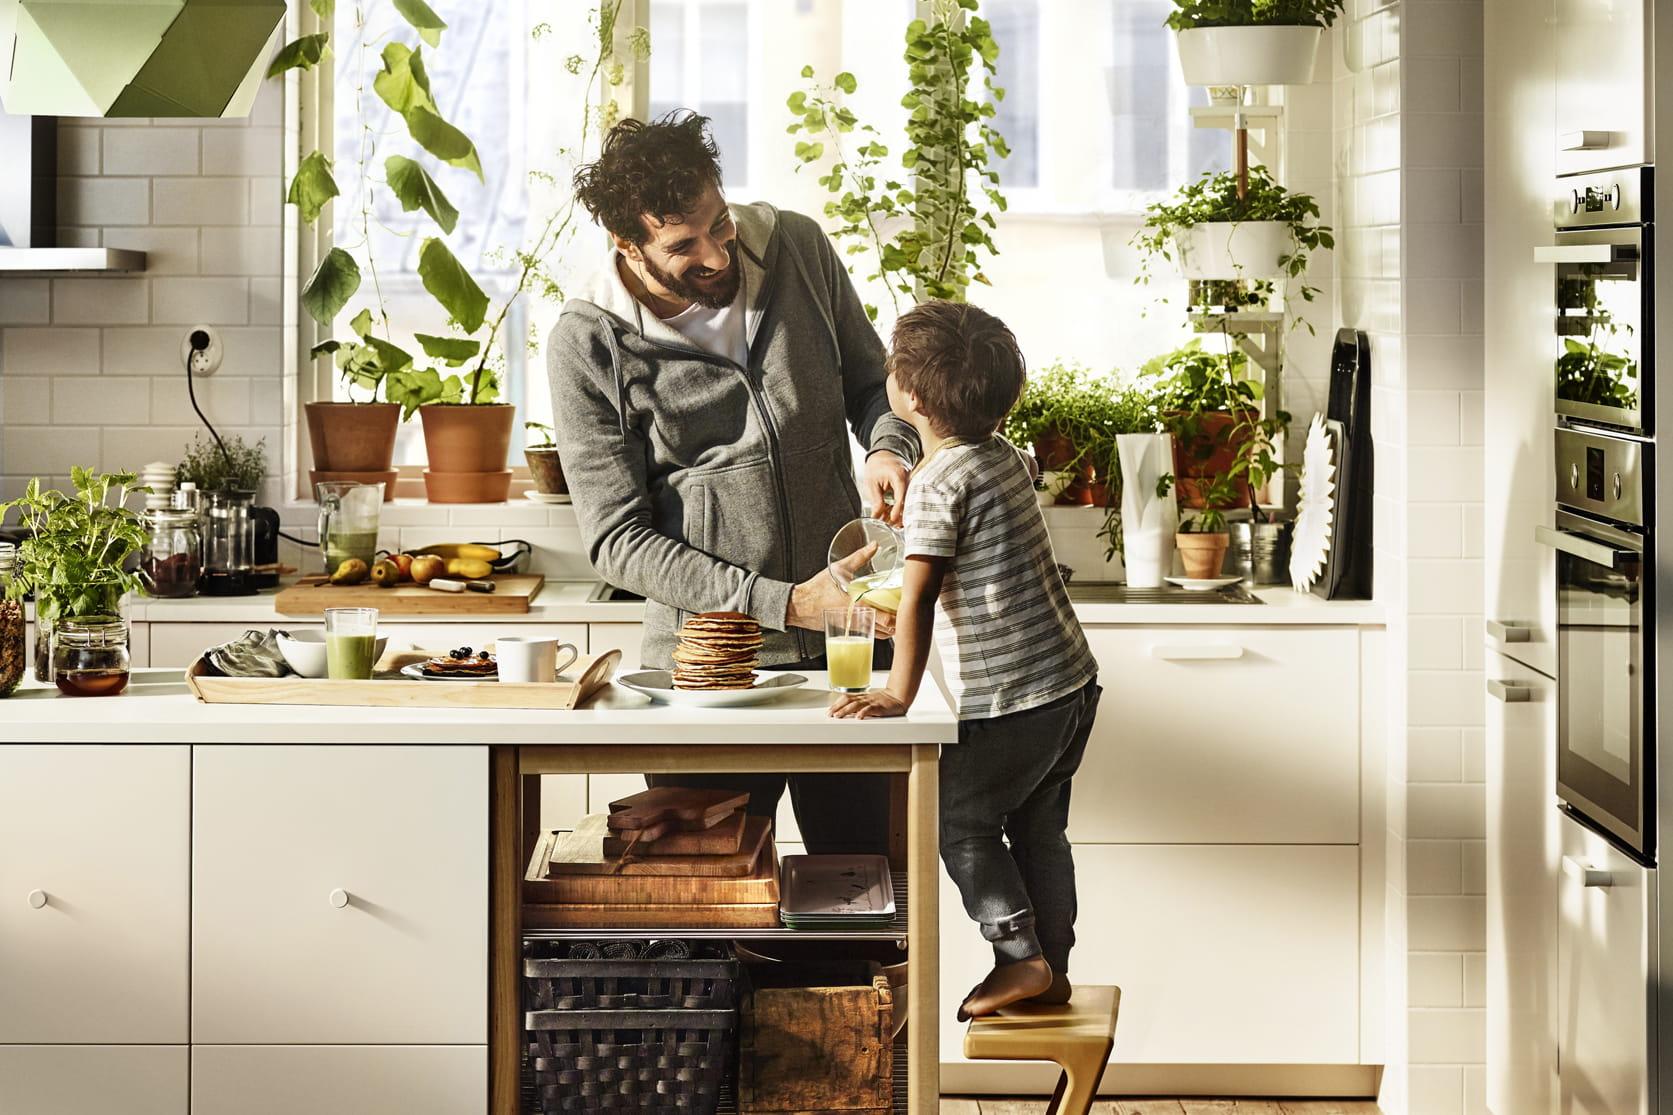 avant premi re la cuisine de 2016 selon ikea journal des femmes. Black Bedroom Furniture Sets. Home Design Ideas